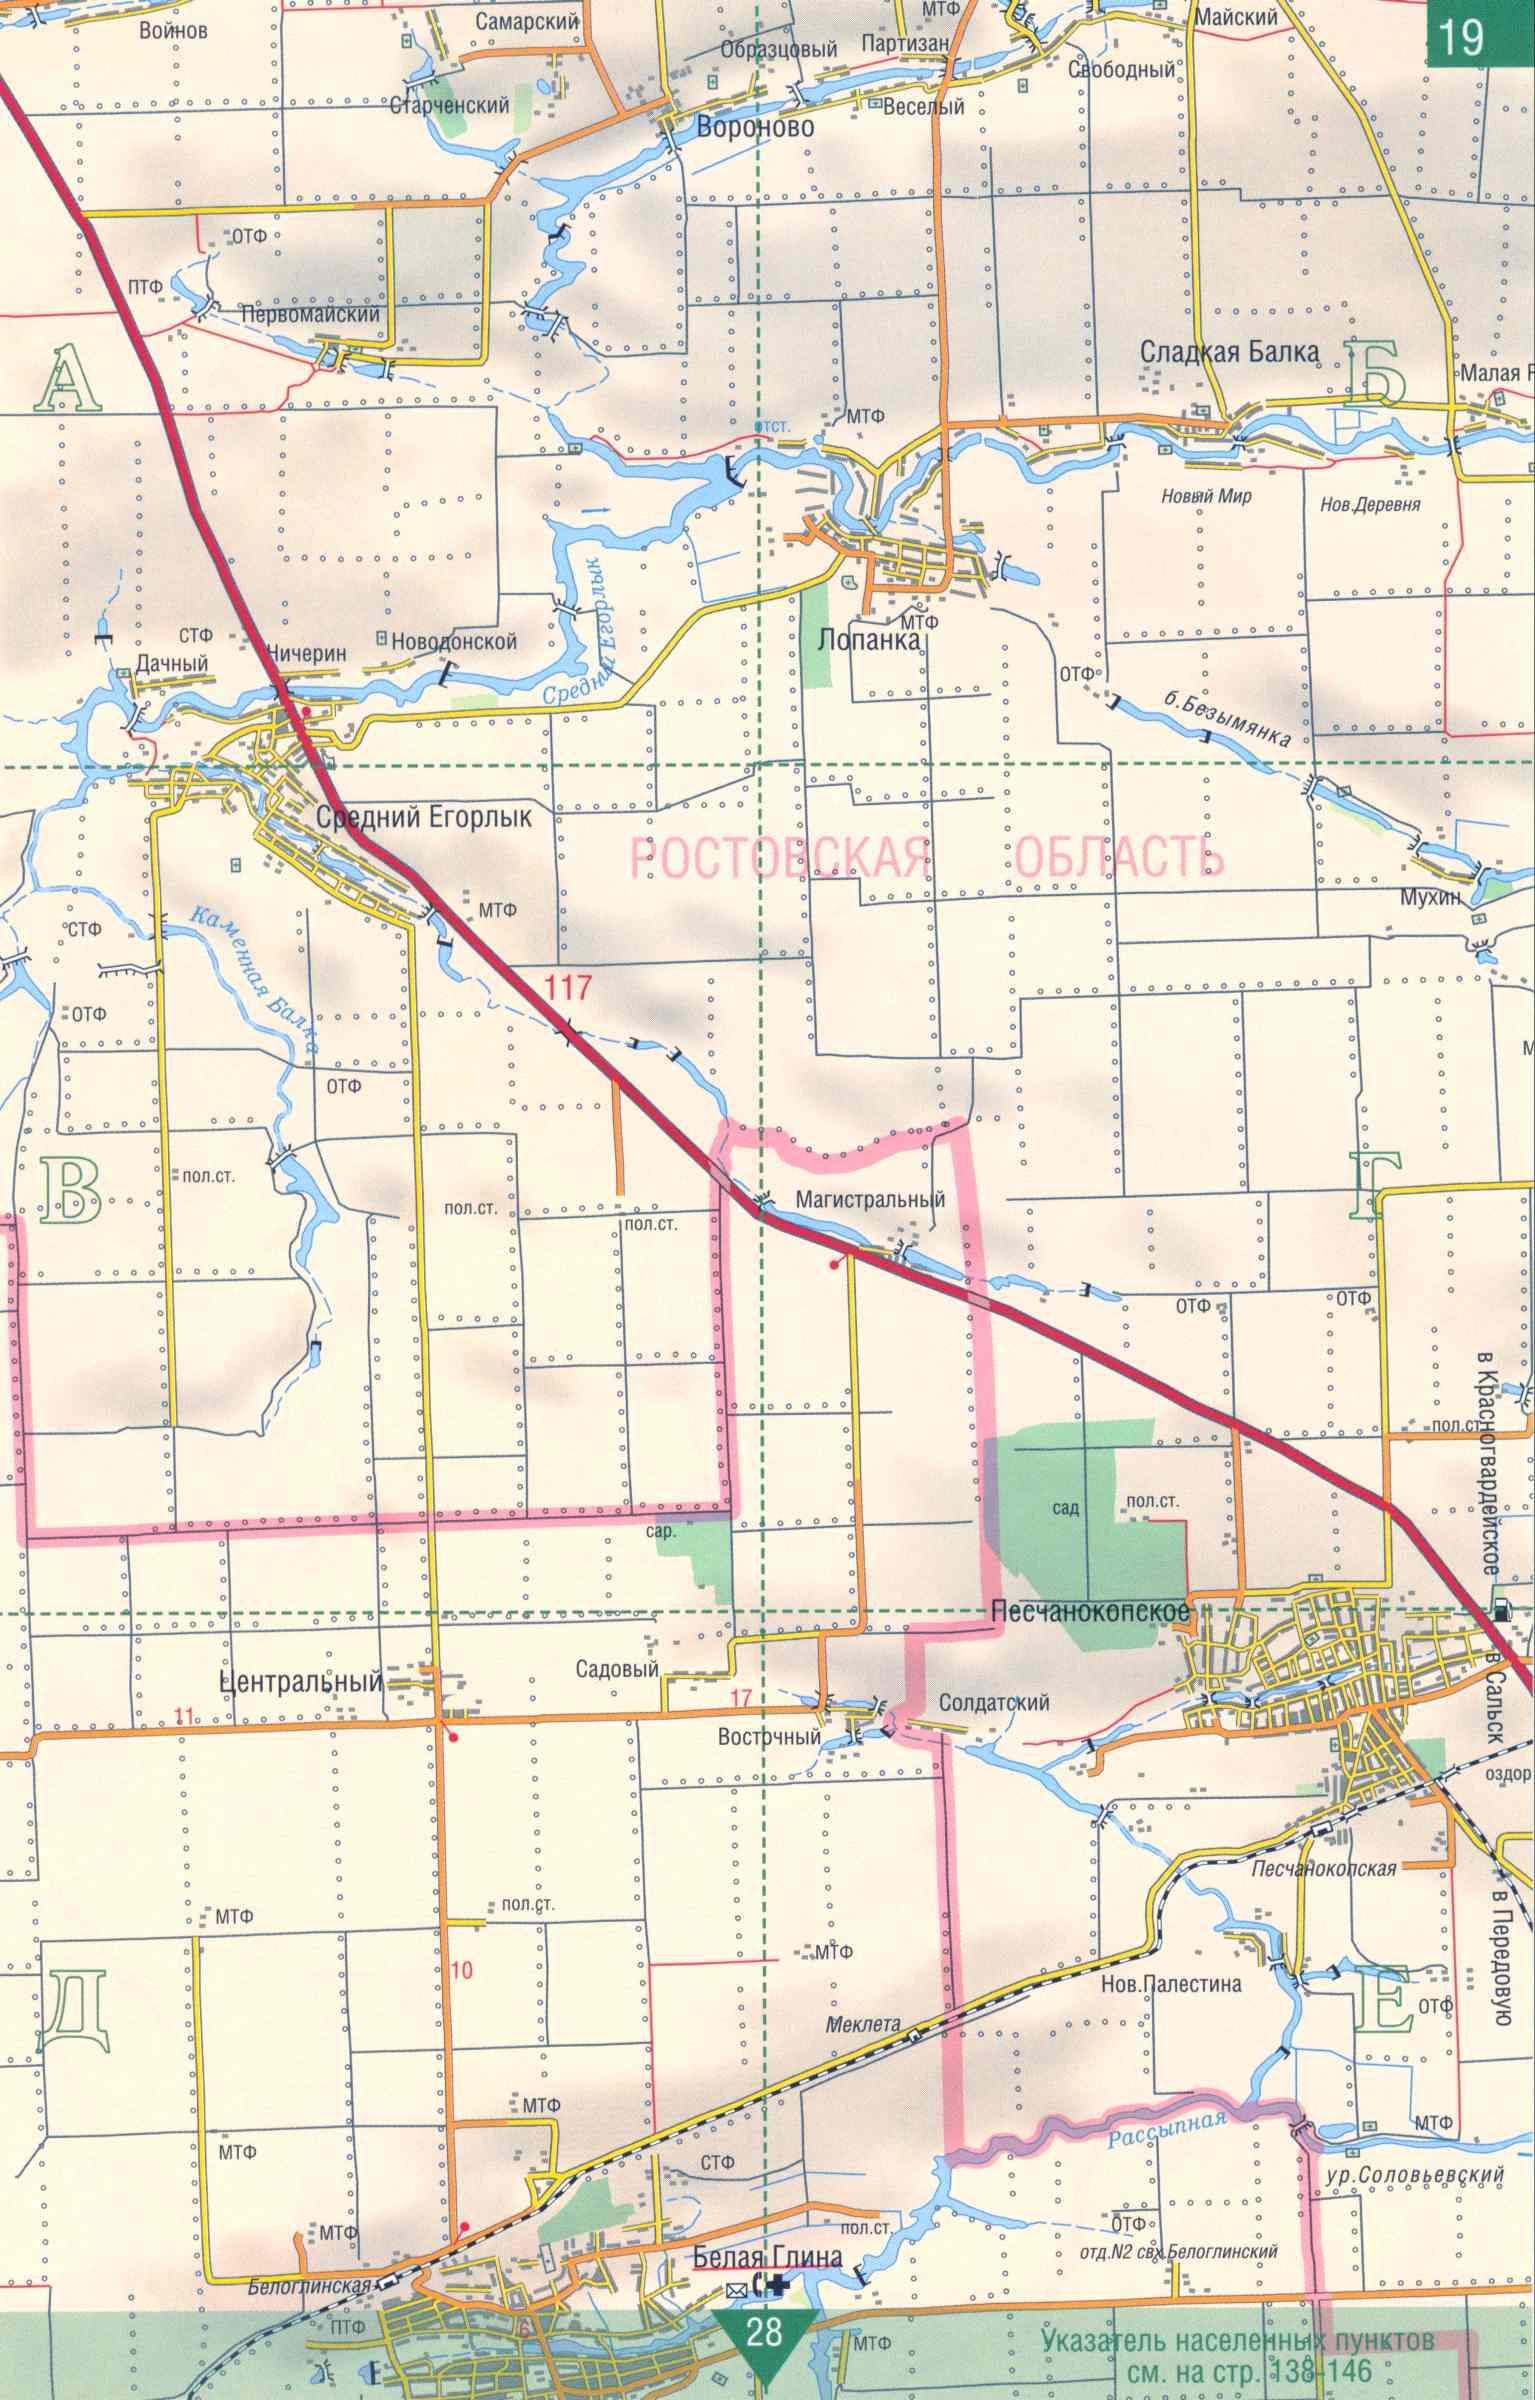 Спутниковая карта Белоглинского района.  Карта со спутника - Белоглинский район Краснодарского края.